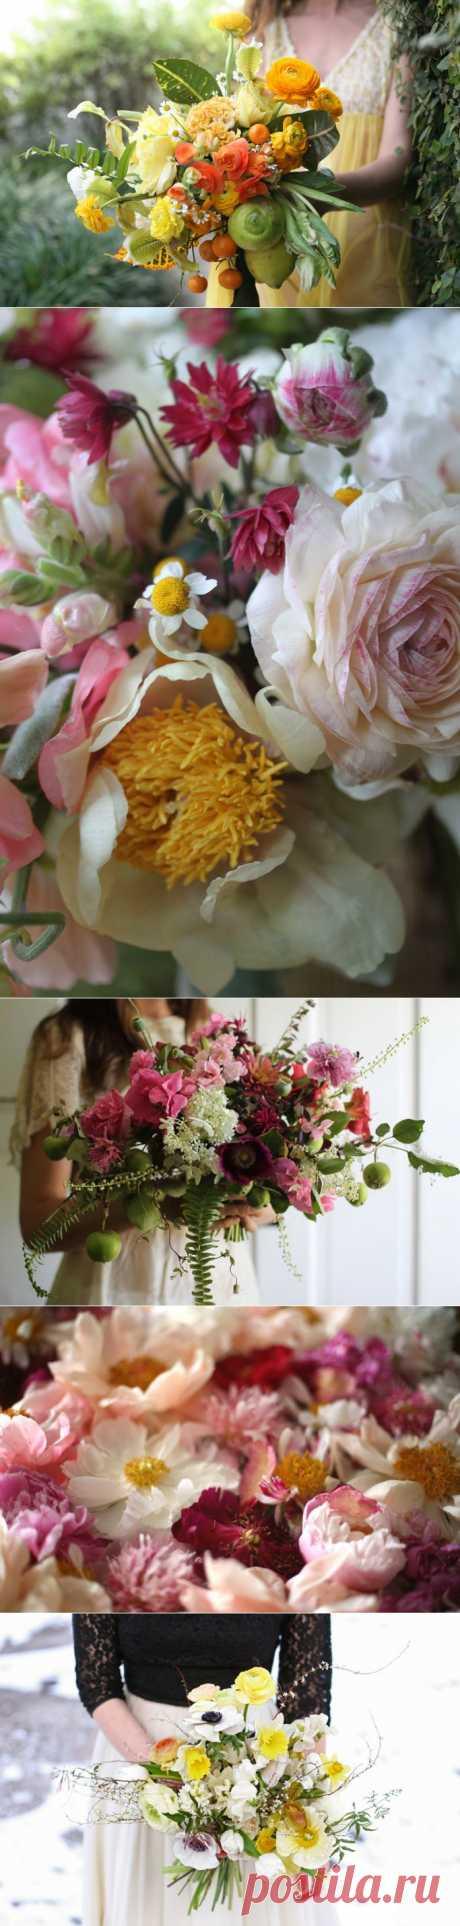 Los ramos Amy Merrick de flores